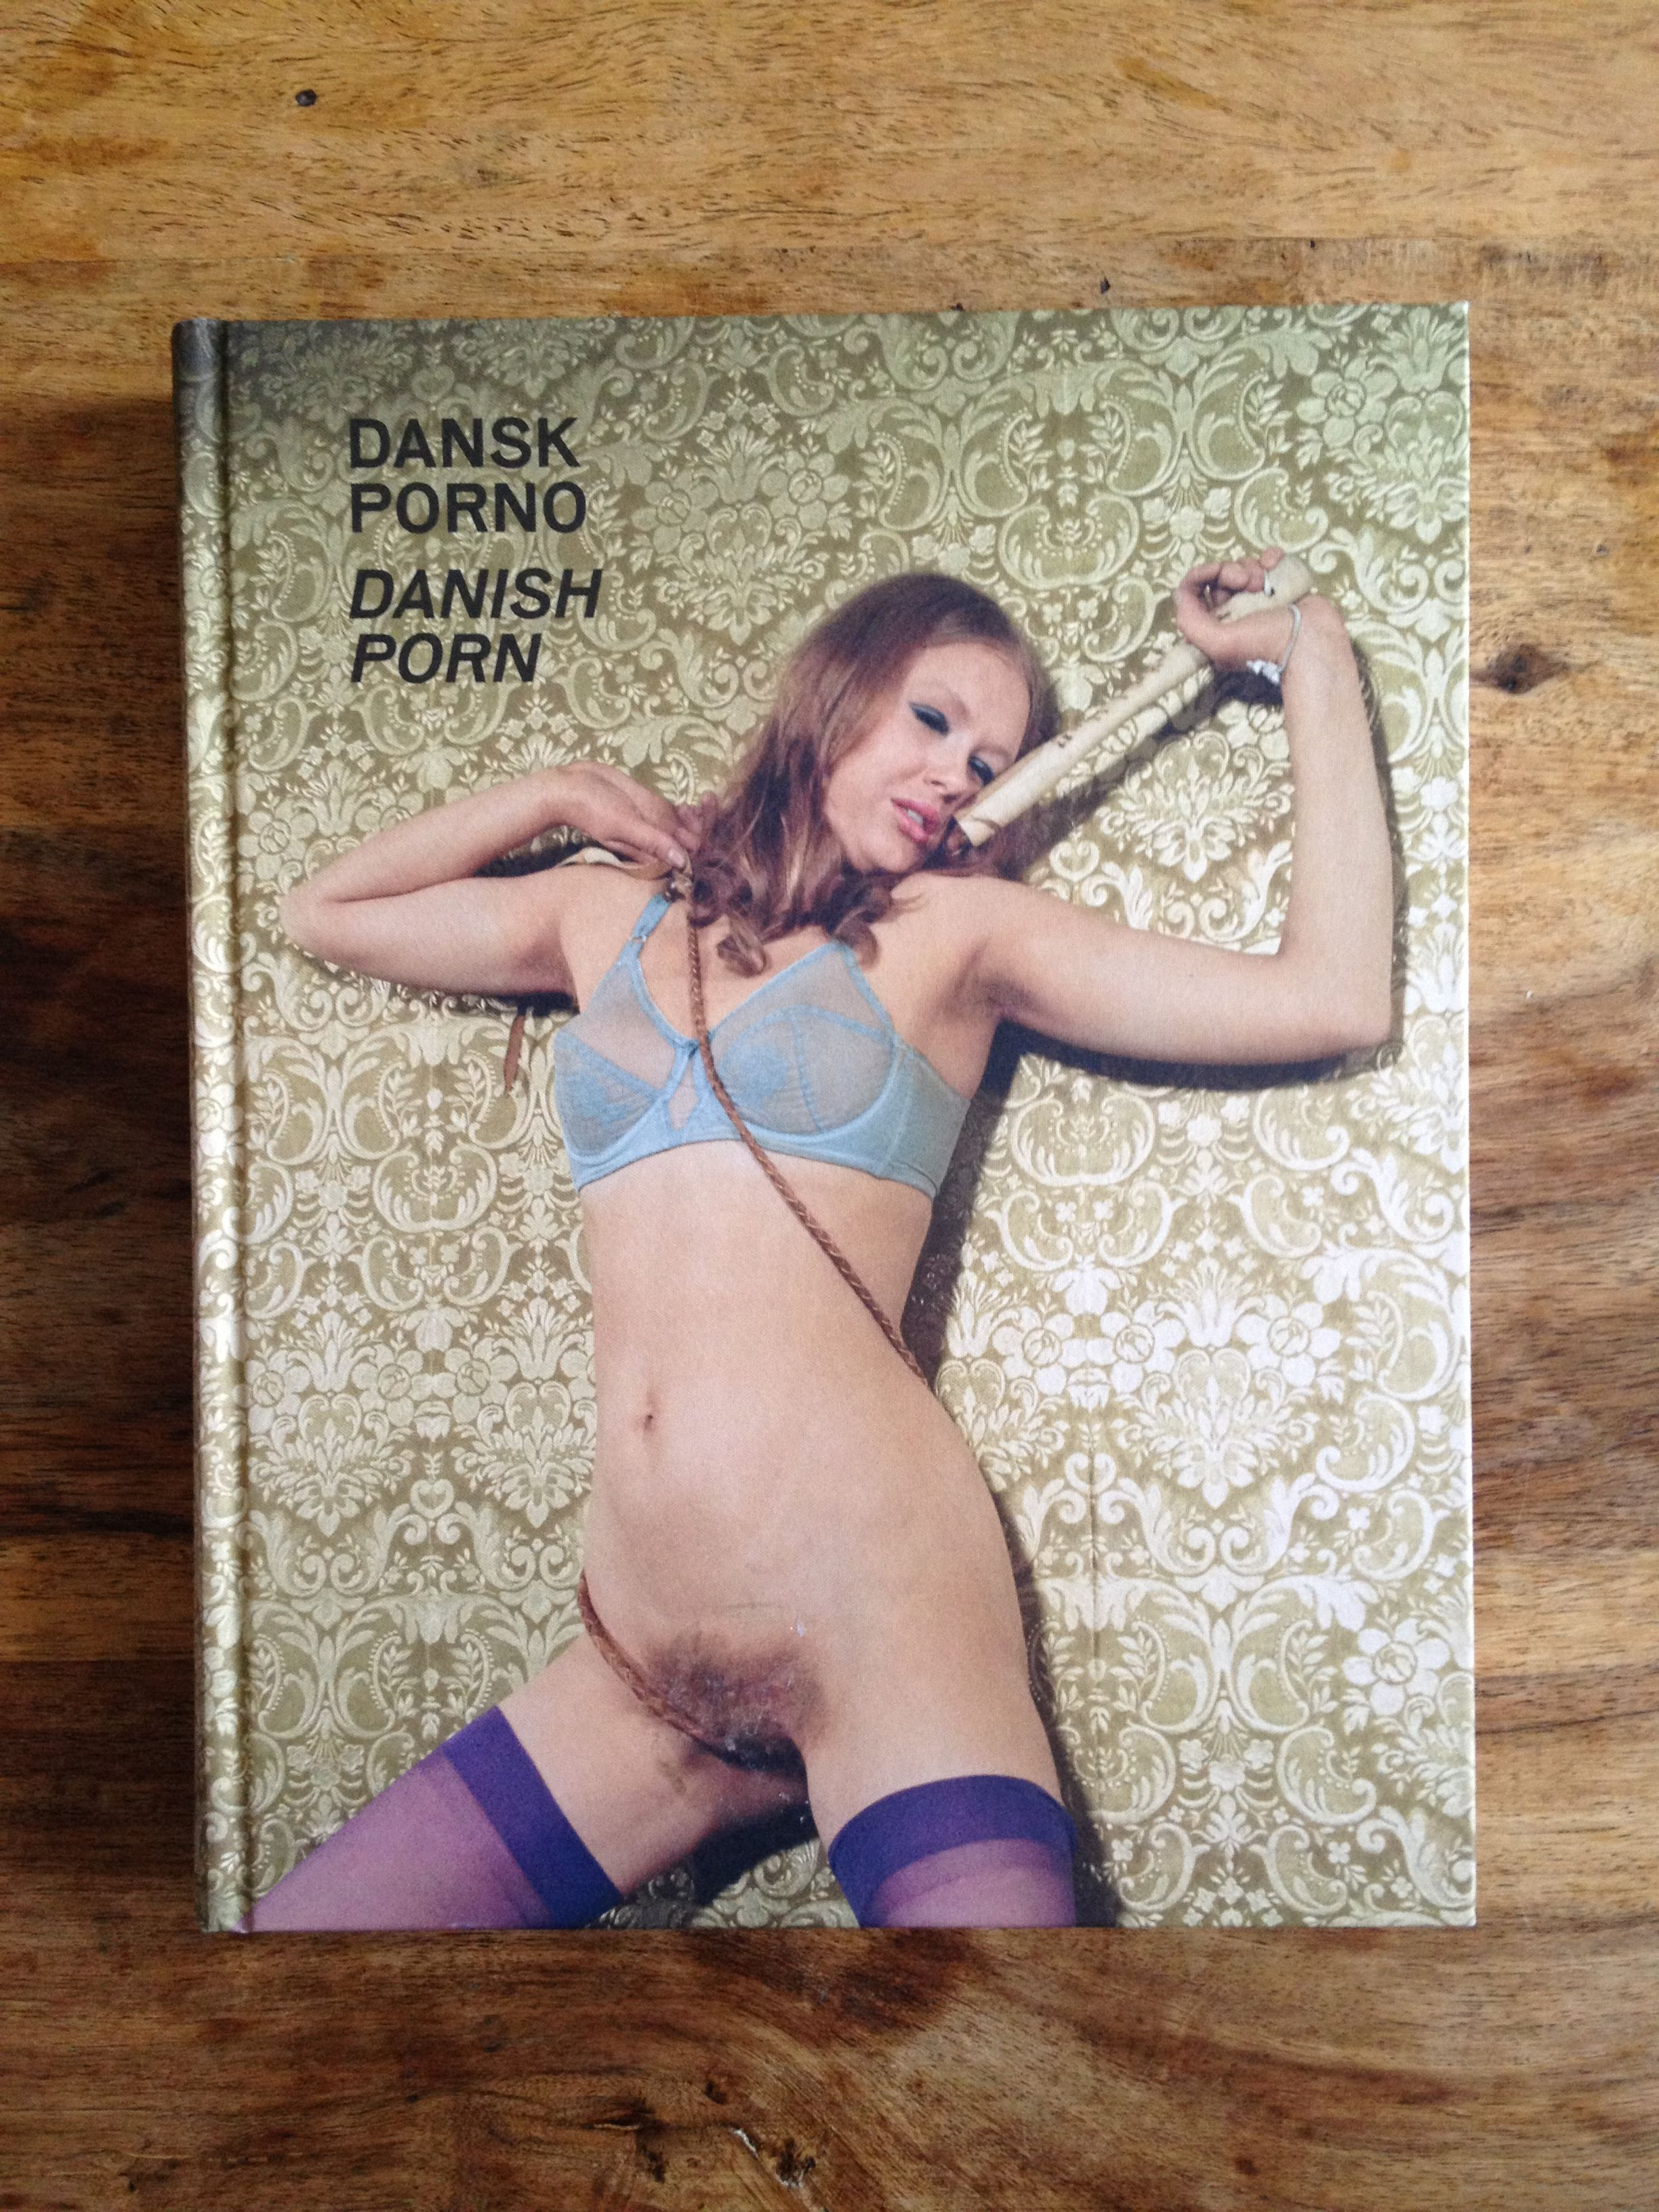 dansk porn